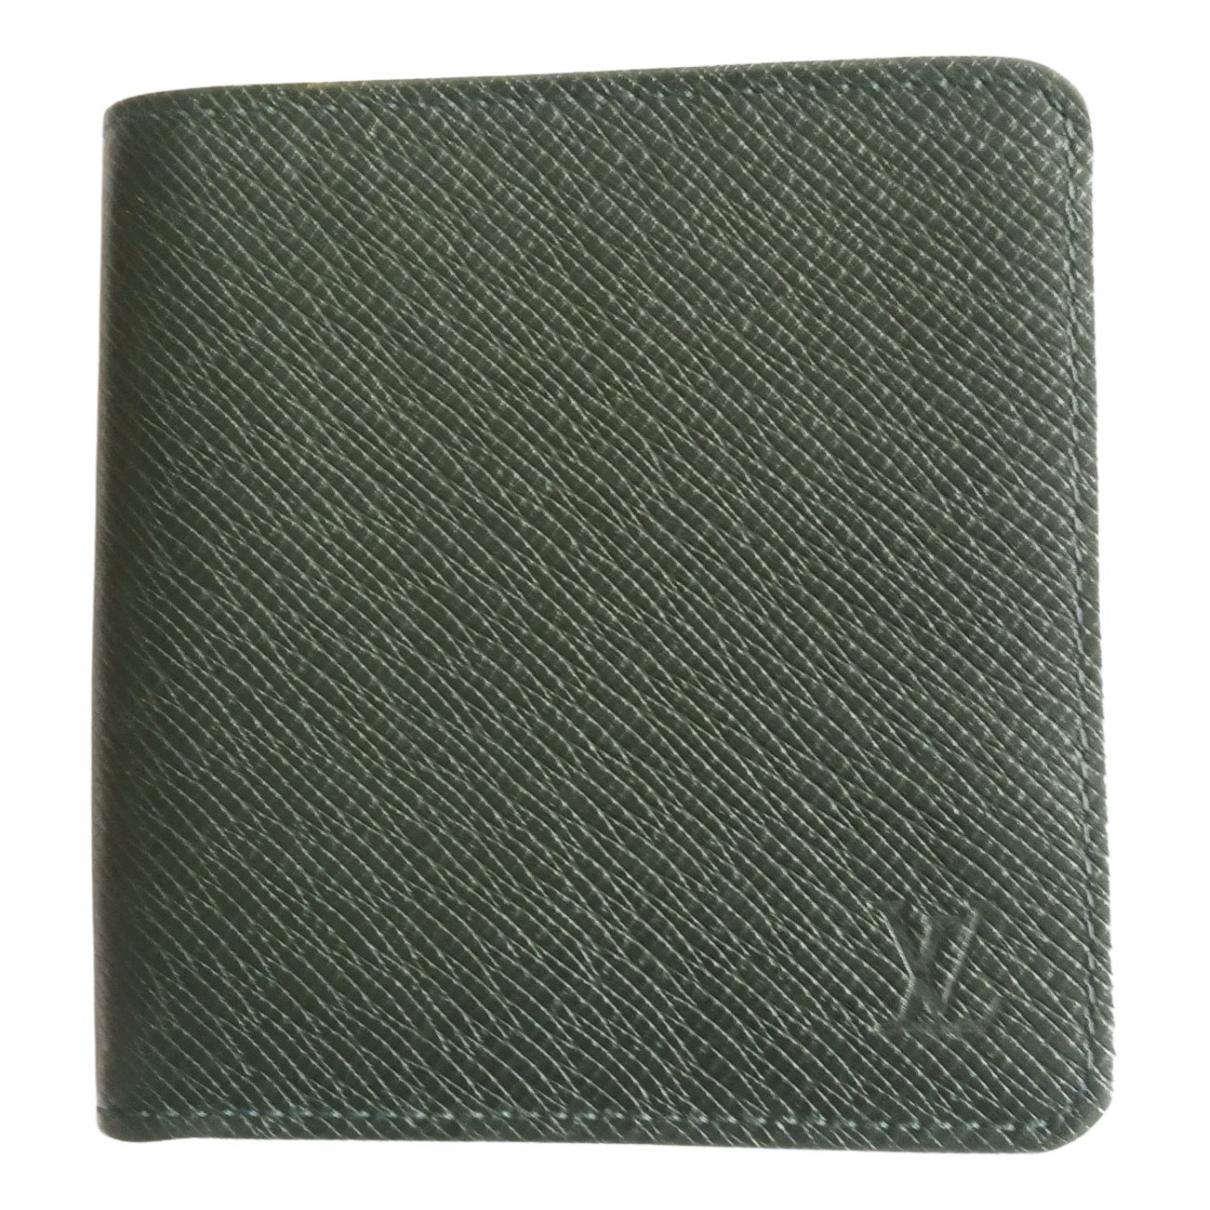 Louis Vuitton - Portefeuille Zippy pour femme en cuir - vert